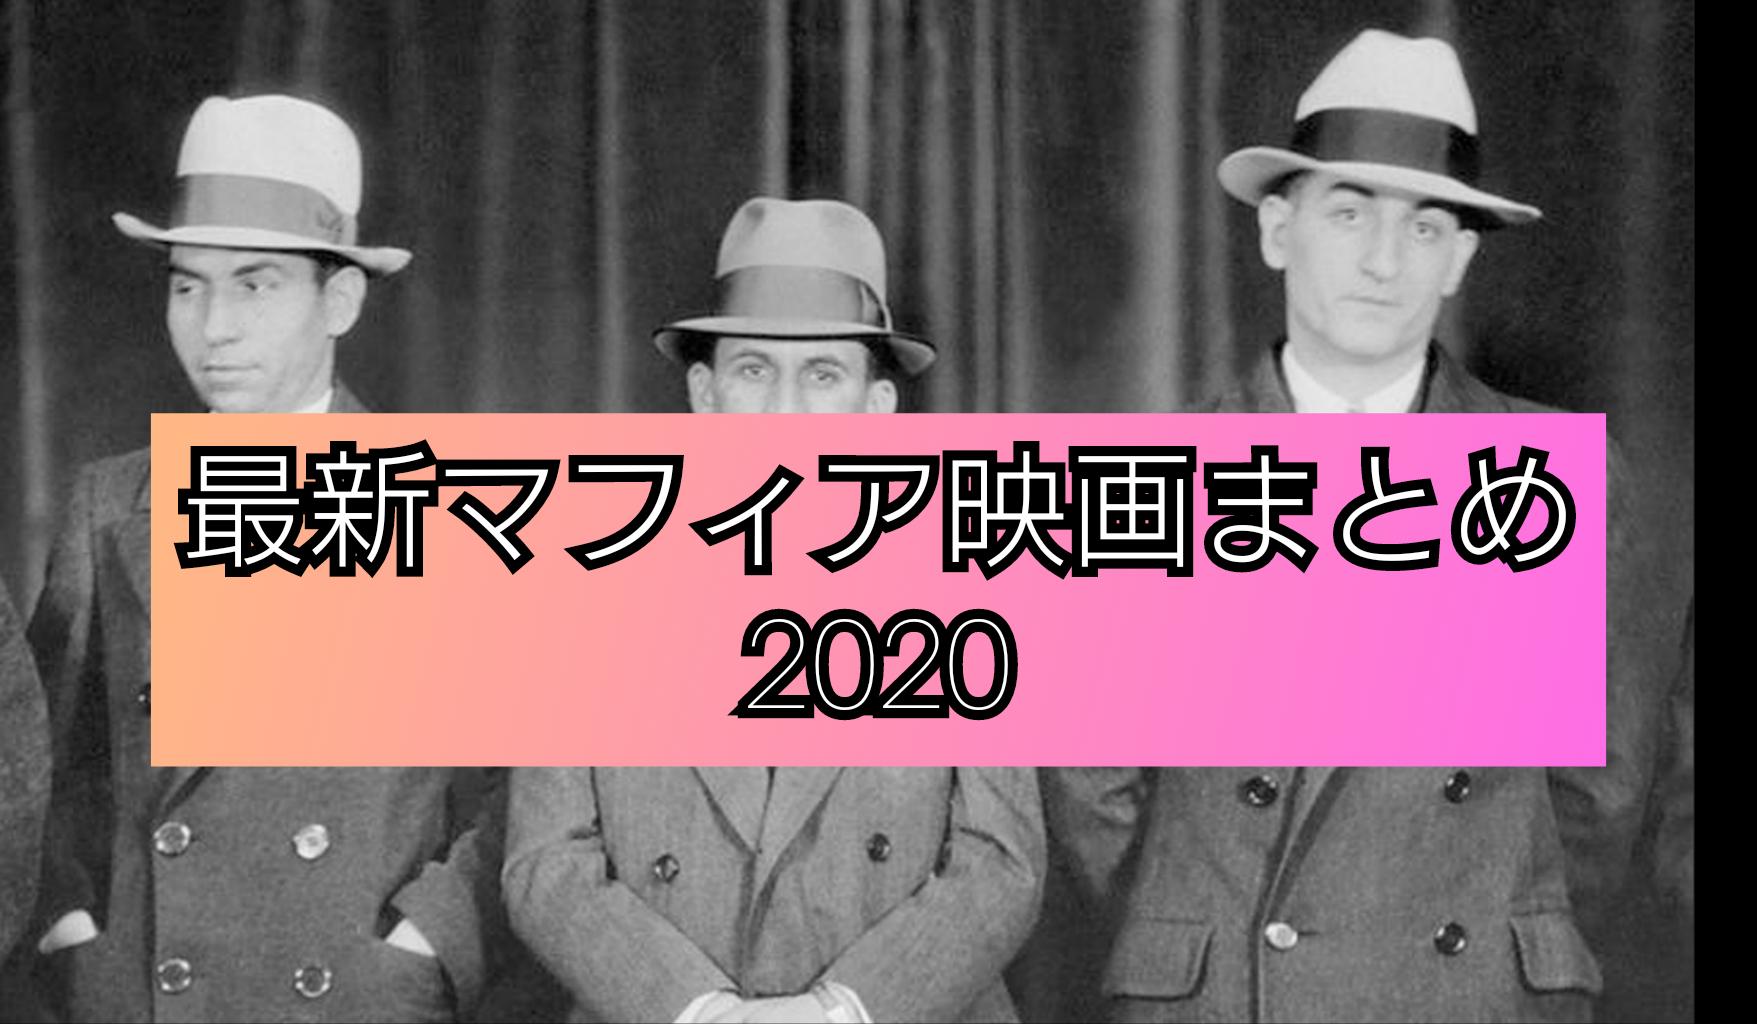 2020 最新マフィア映画情報